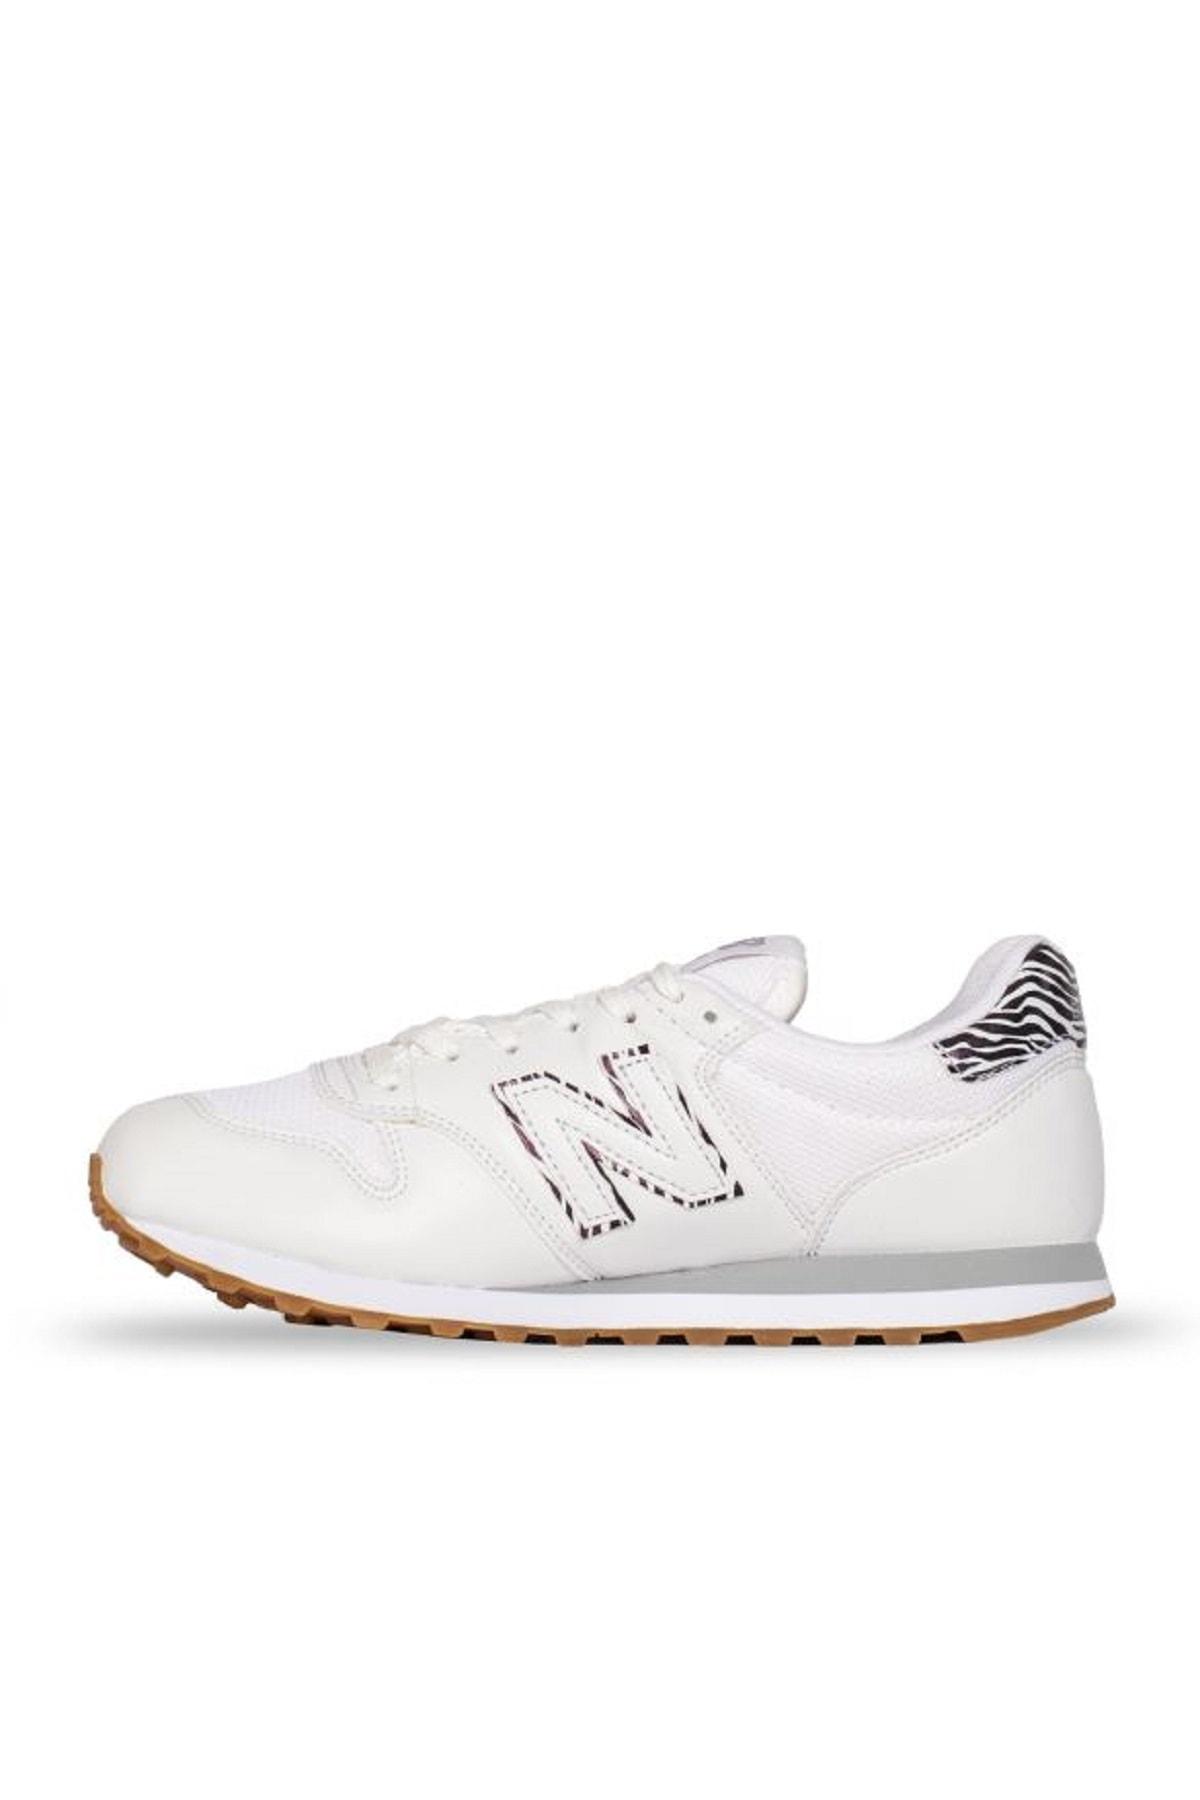 New Balance Kadın Gri Gw500awz Günlük Ayakkabı 2